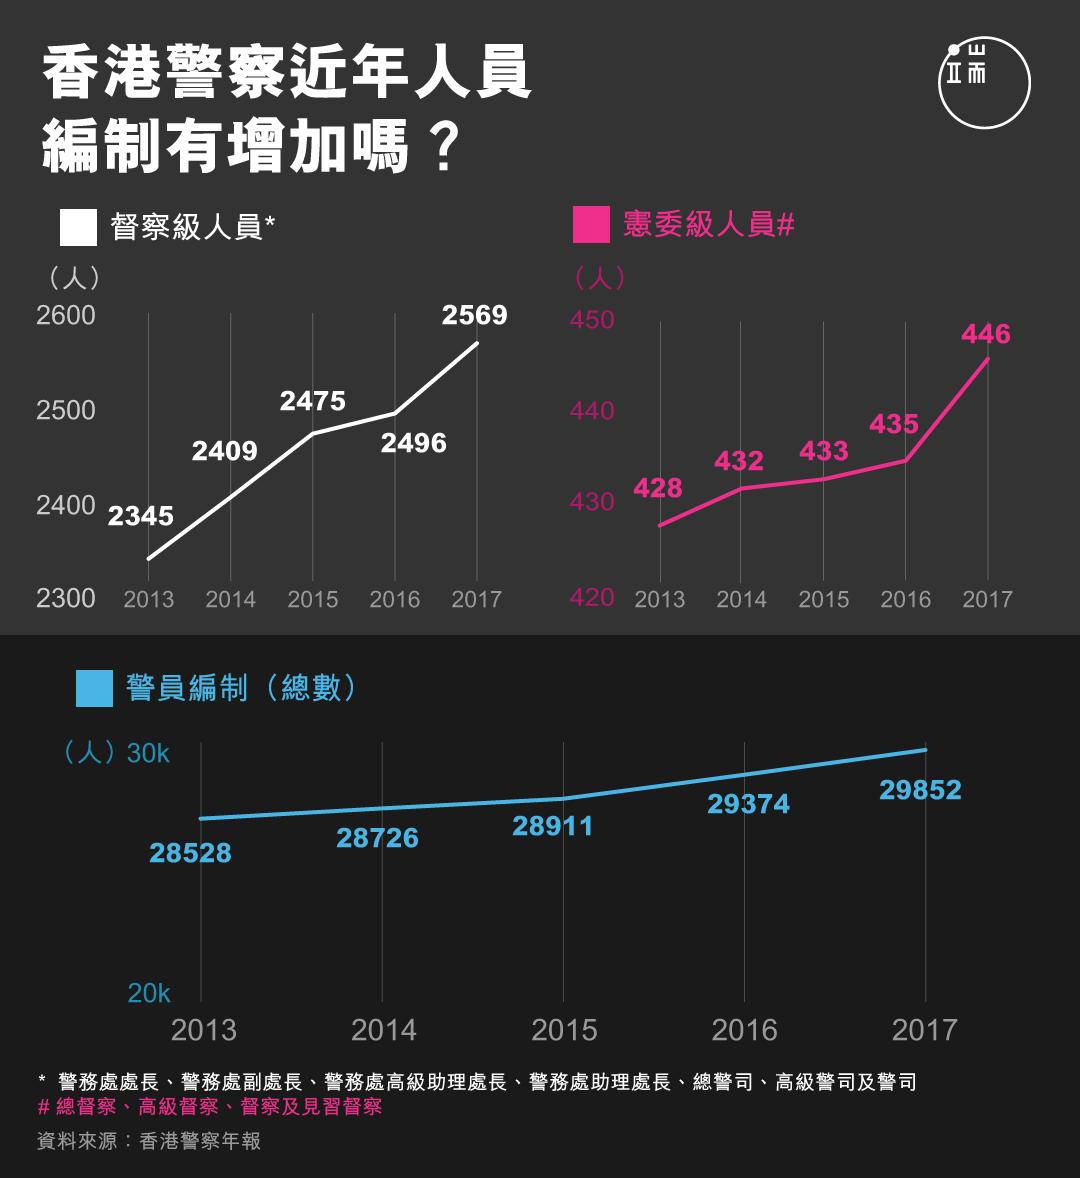 香港警察近年人員編制有增加嗎?